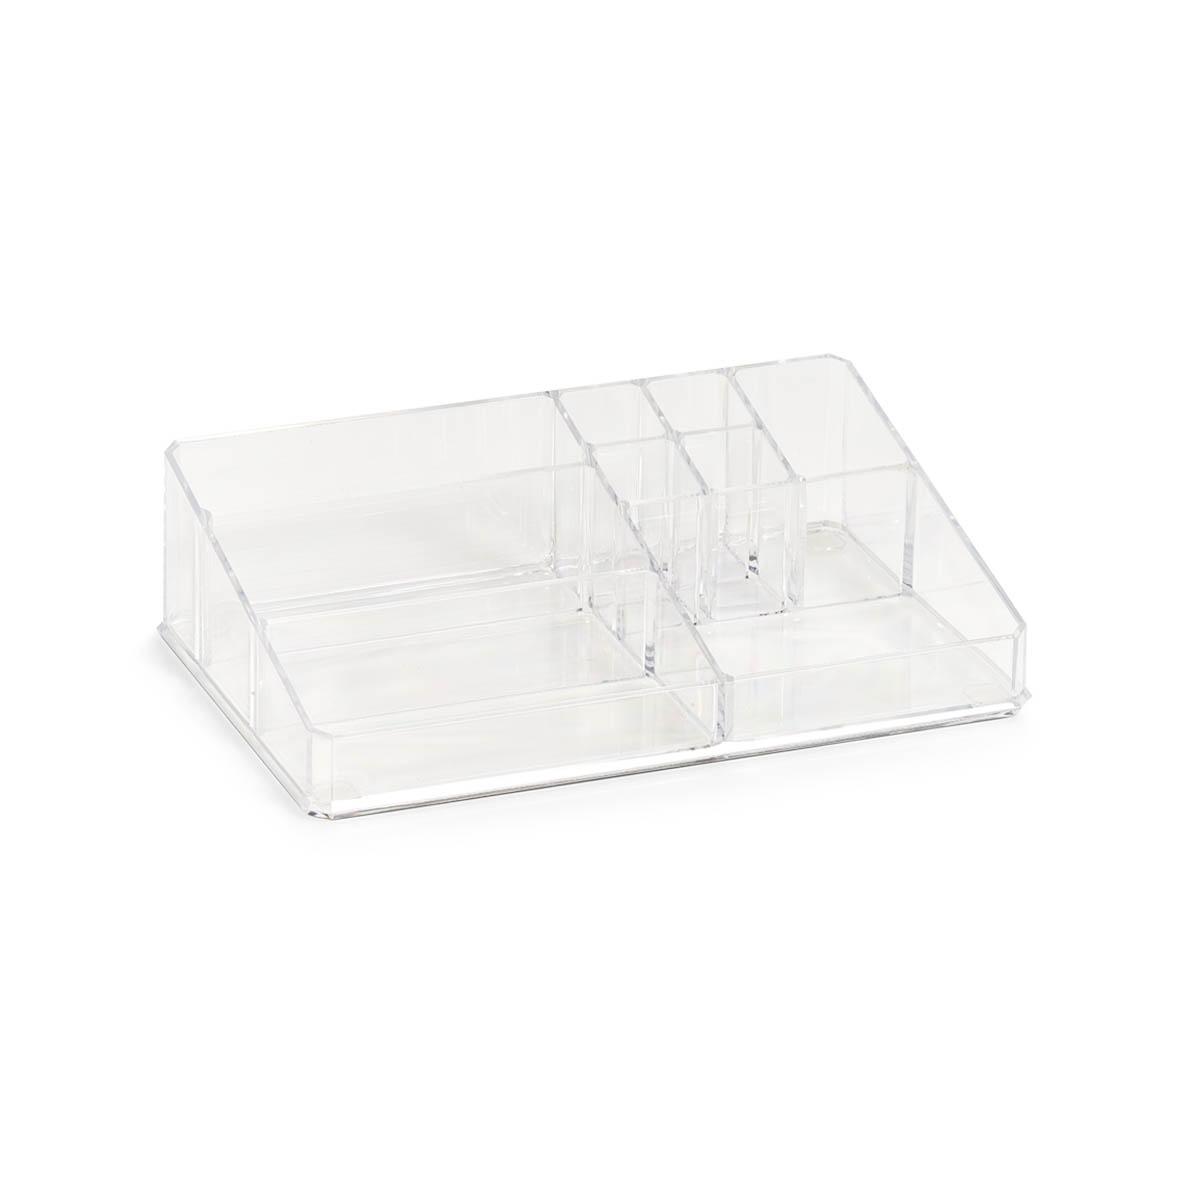 Organizator pentru cosmetice din plastic, Transparent, 9 compartimente, l32xA21xH9 cm imagine